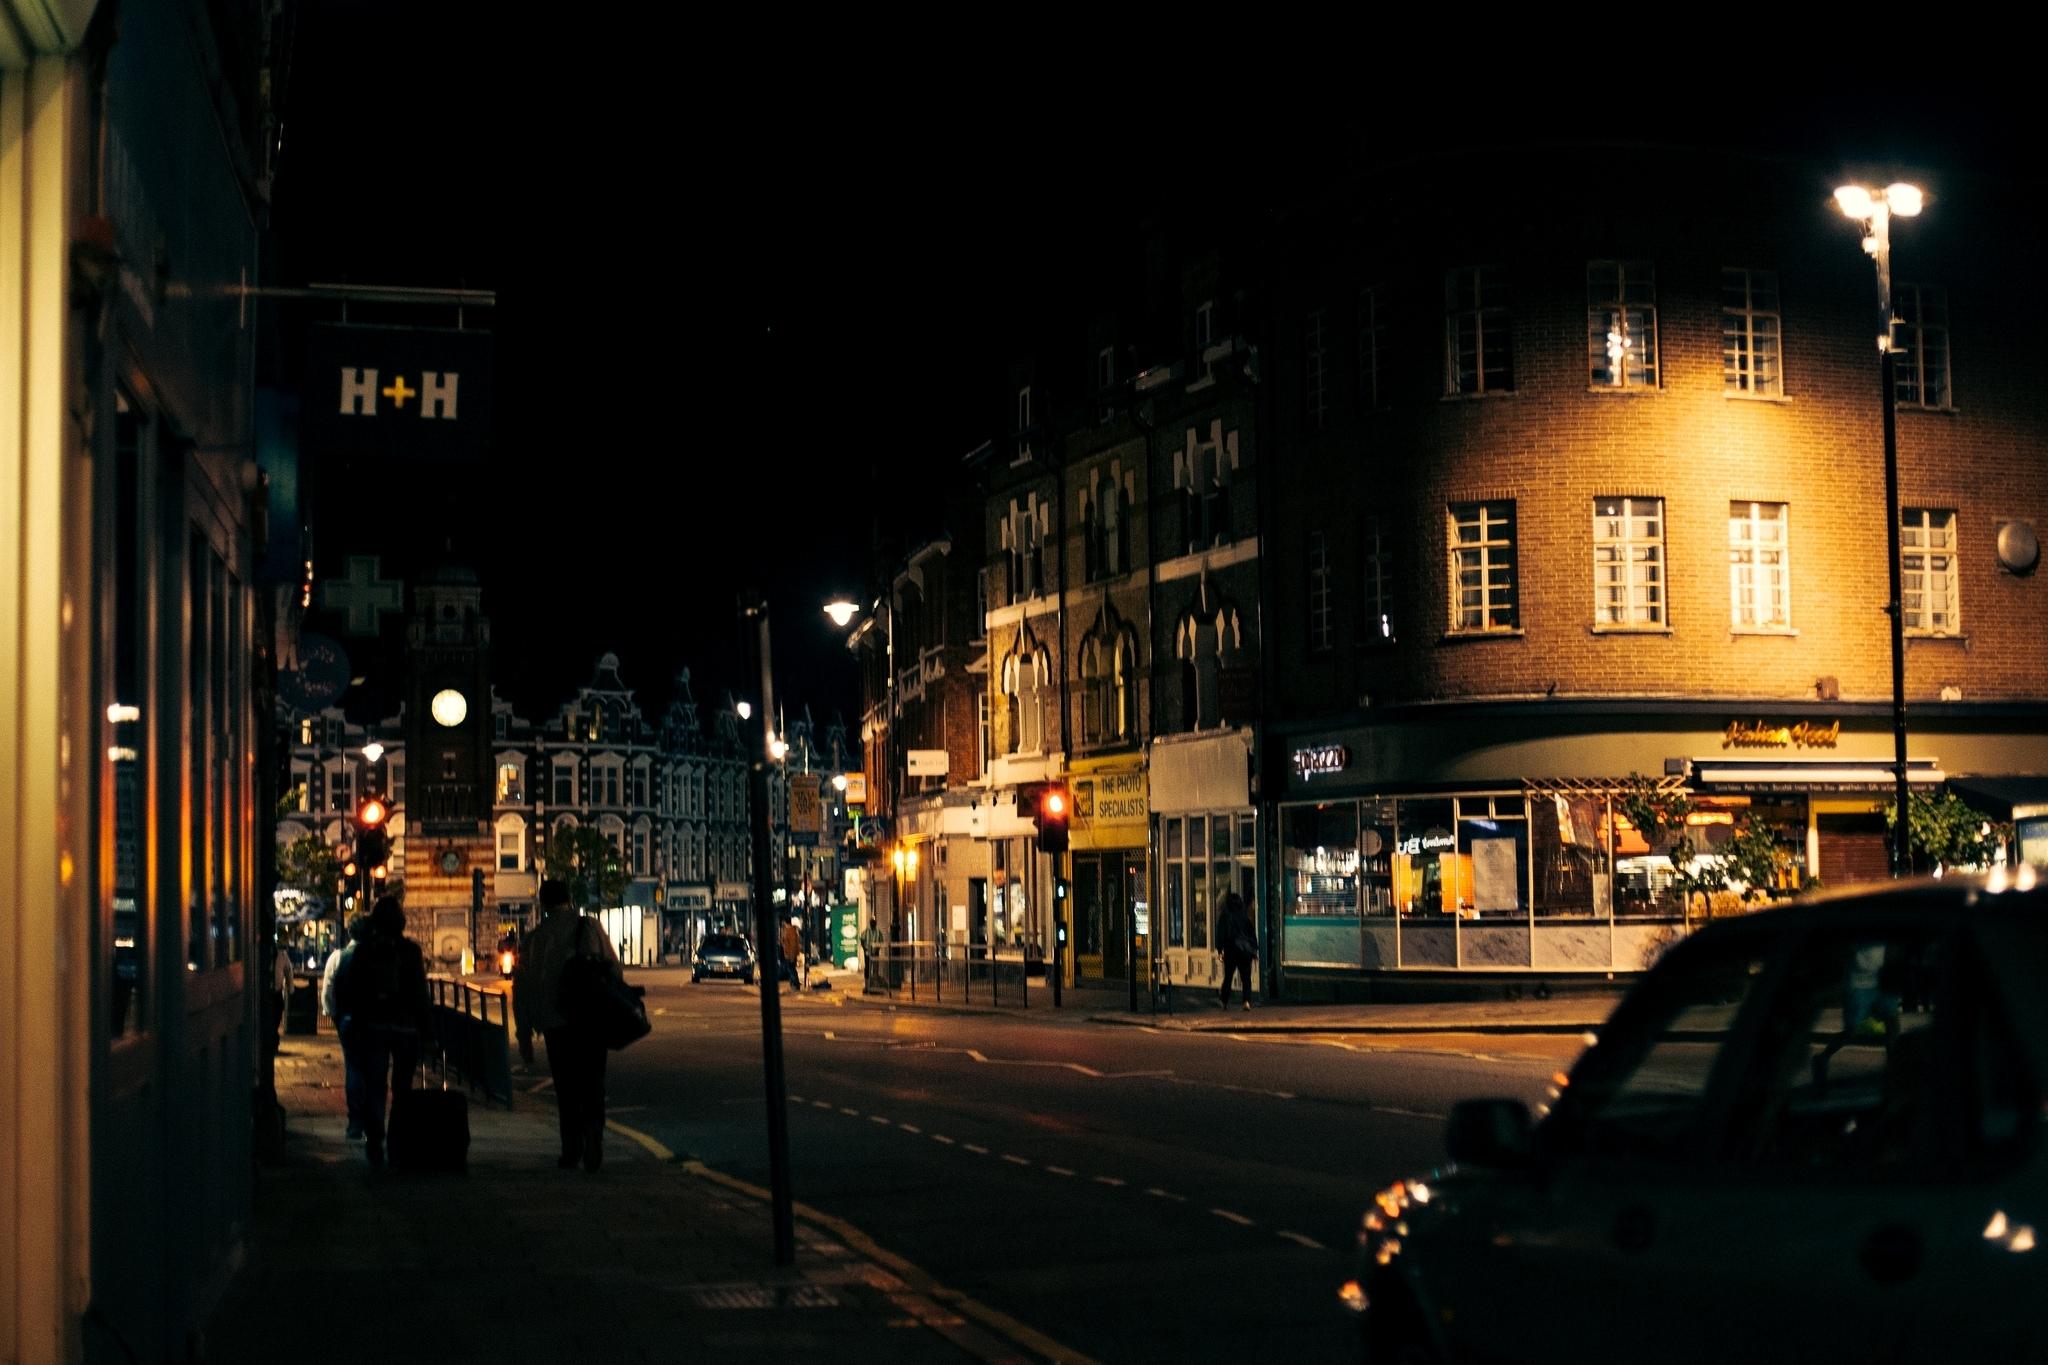 Франция дороги ночь фонари  № 2229357 без смс